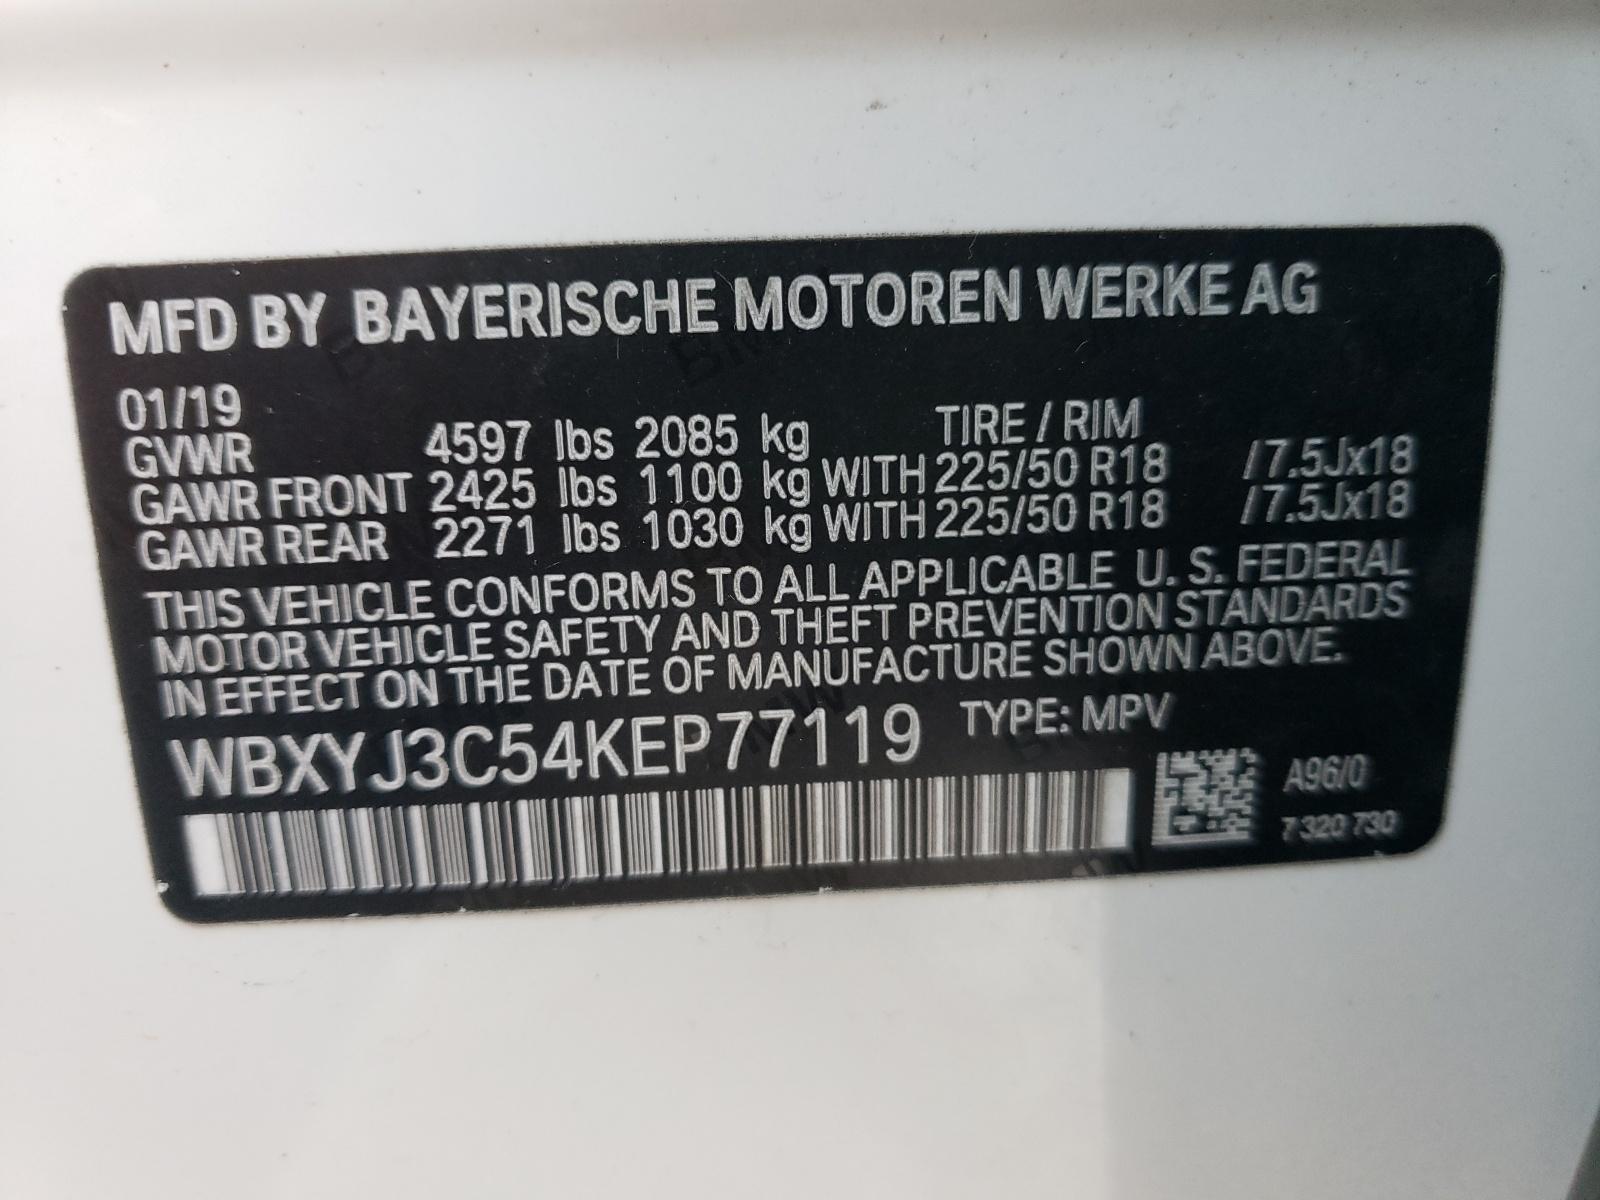 BMW X2 SDRIVE2 2019 VIN WBXYJ3C54KEP77119